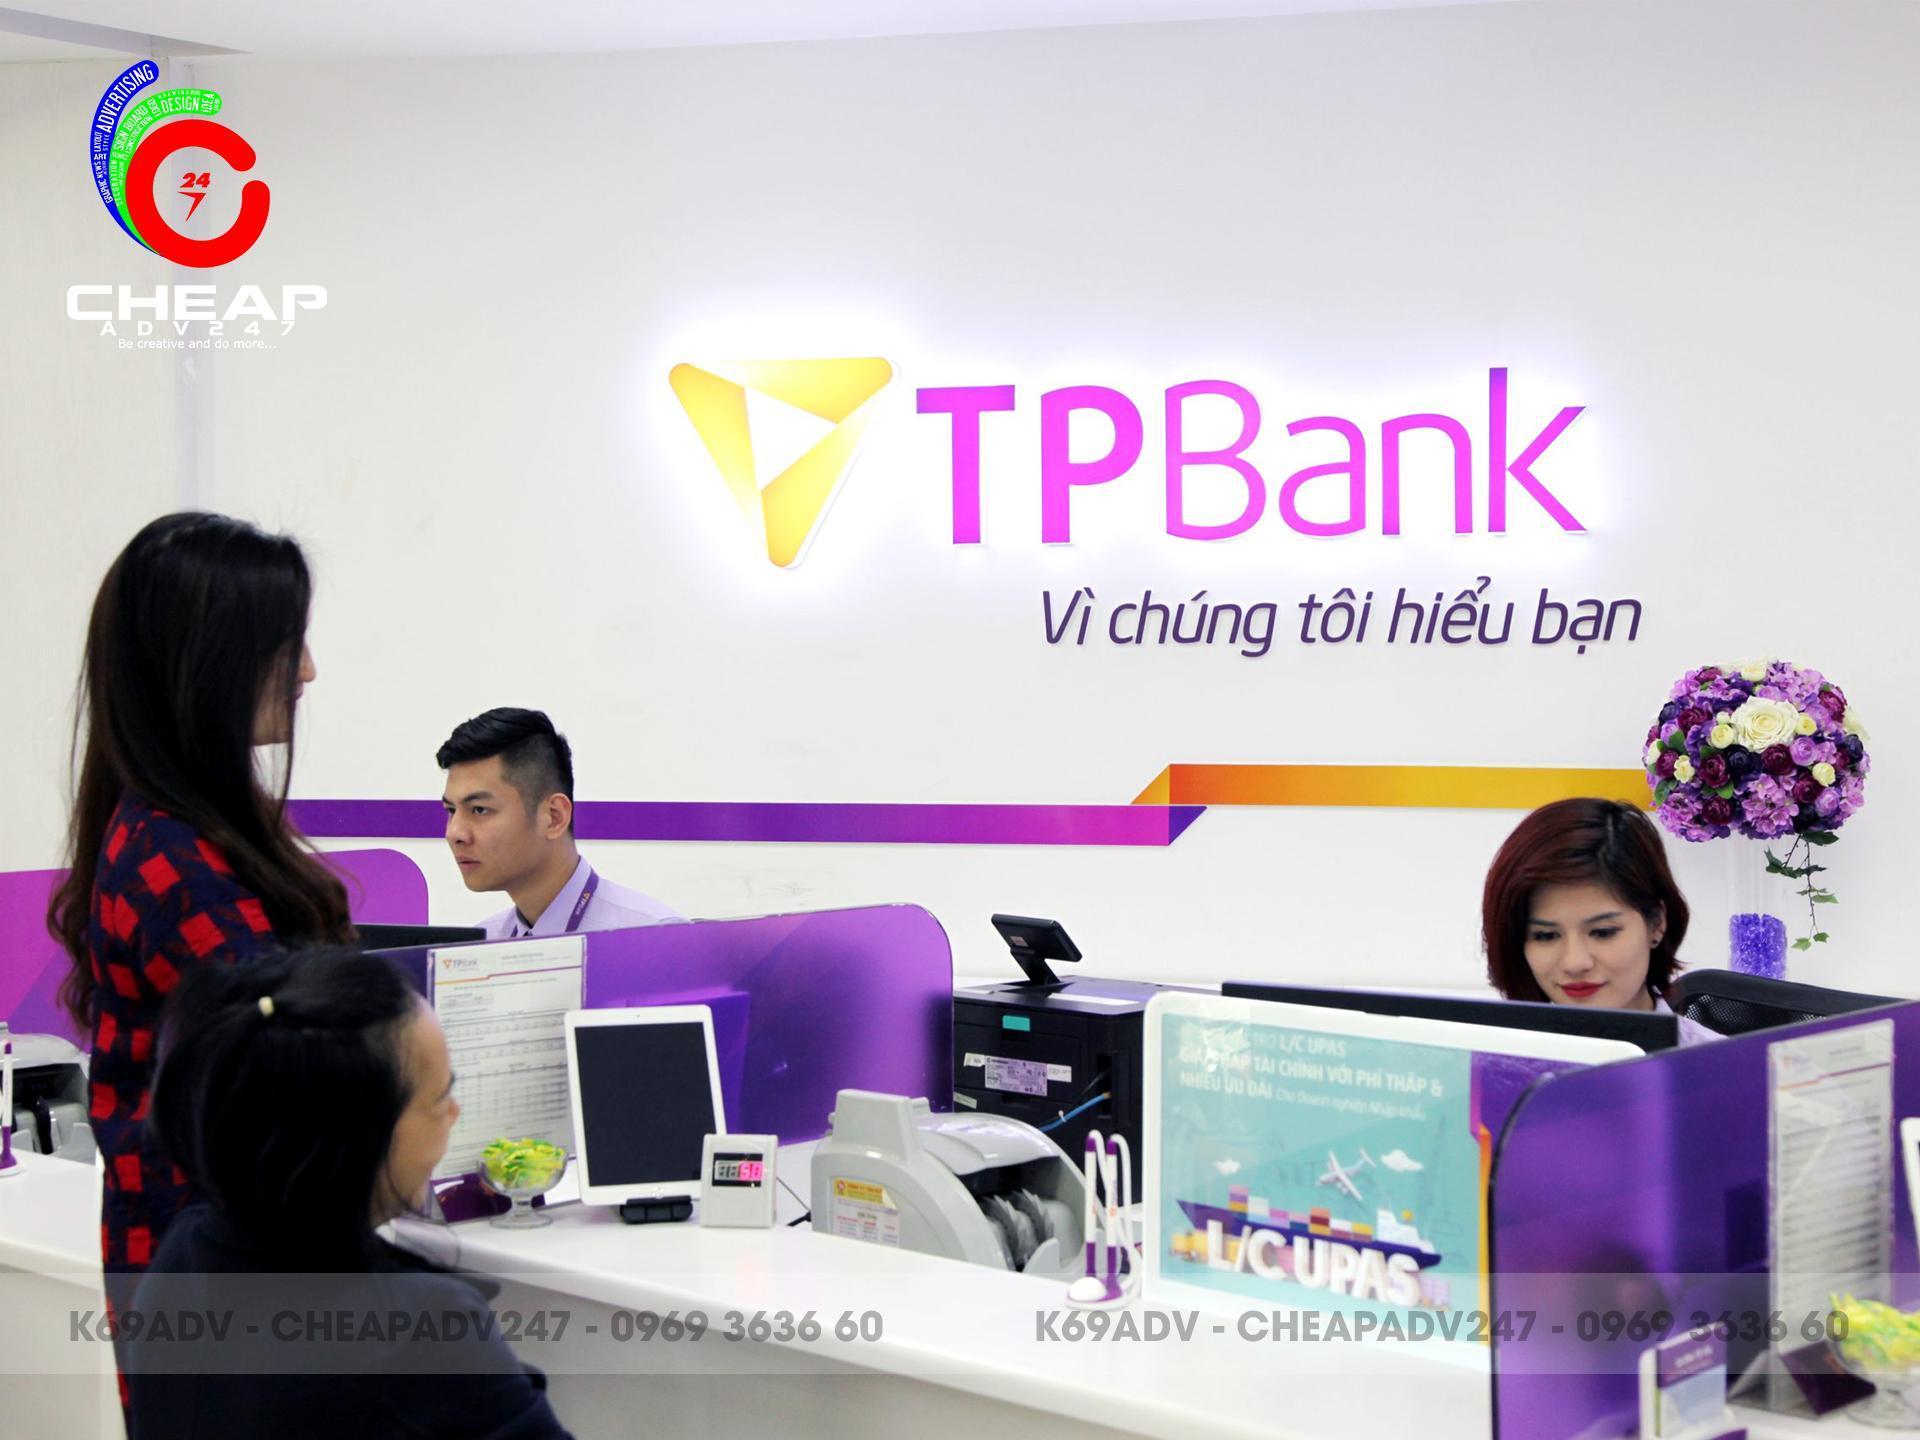 Ảnh thiết kế thi công lo go quảng cáo nhận diện thương hiệu tpbank